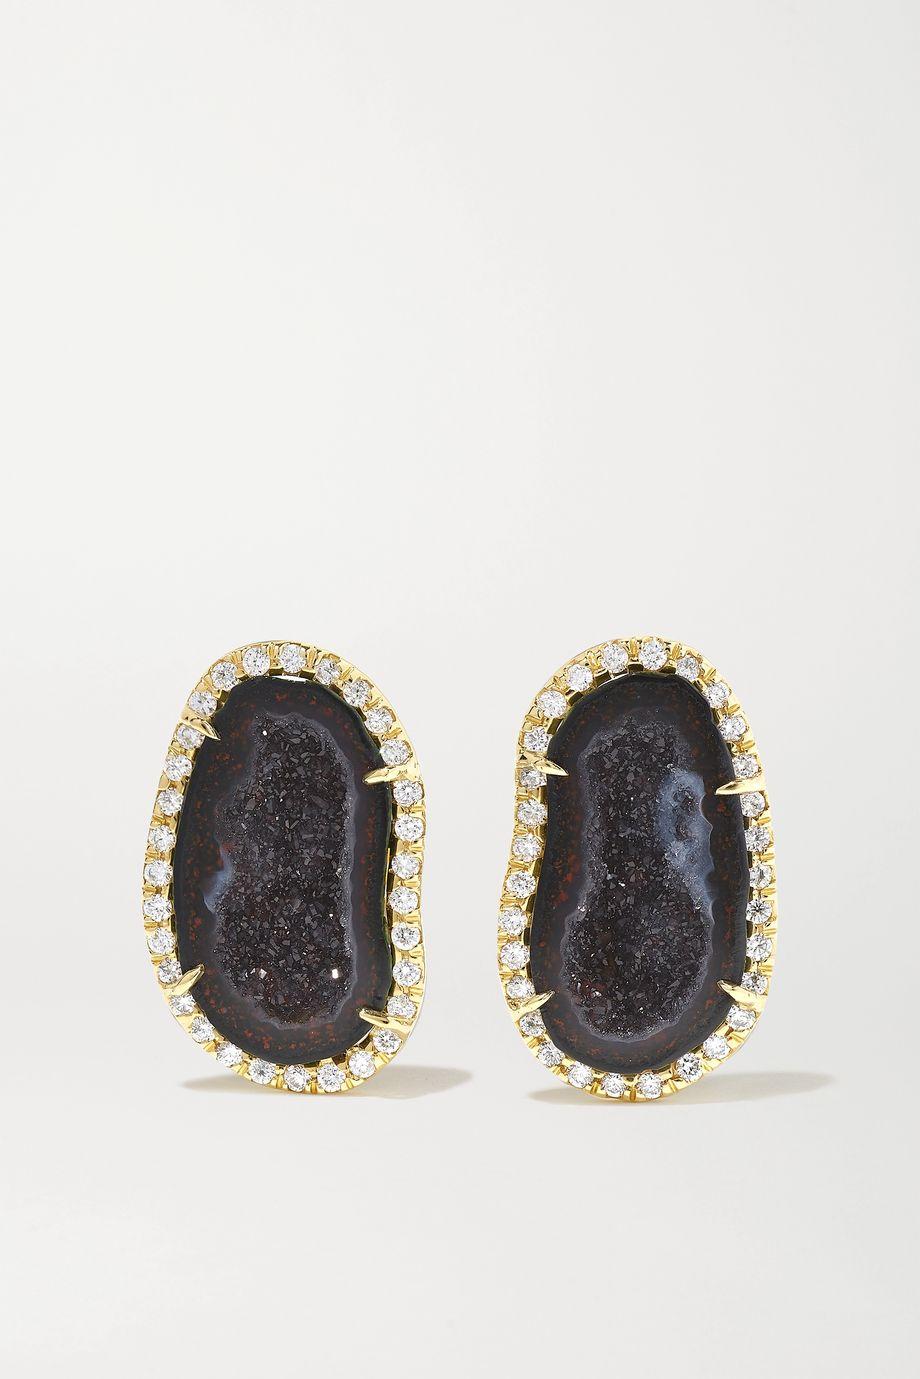 Kimberly McDonald Boucles d'oreilles en or 18carats, géodes et diamants